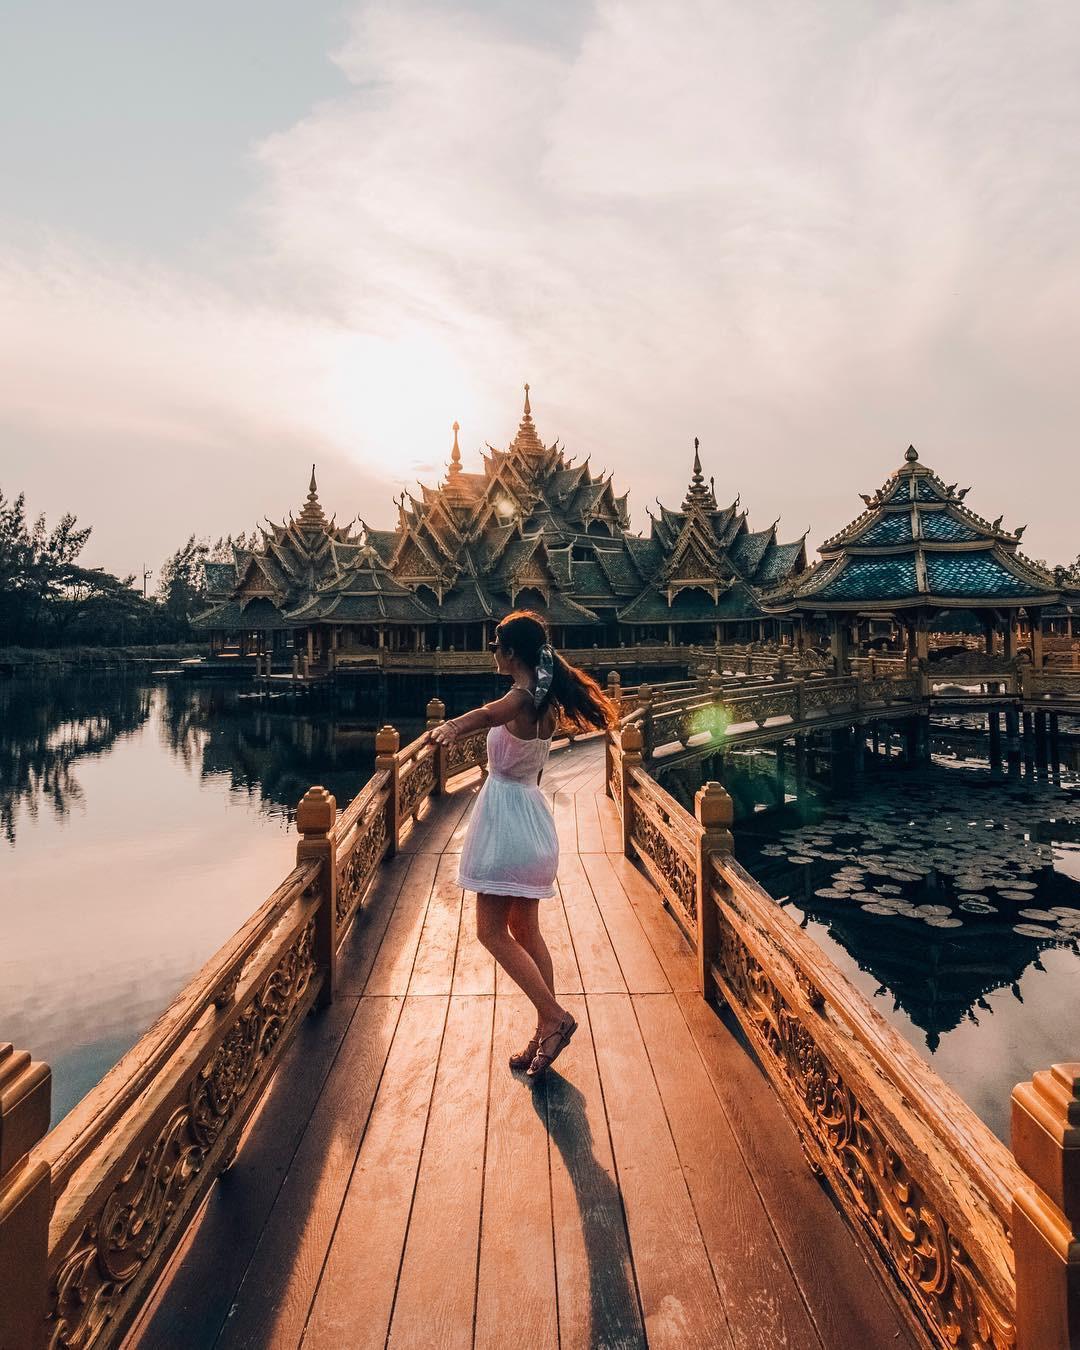 """Không tin vào mắt mình ngôi đền được canh giữ bởi """"cá khổng lồ"""" đẹp hệt cổ tích đang """"gây bão"""" Thái Lan - Ảnh 7."""